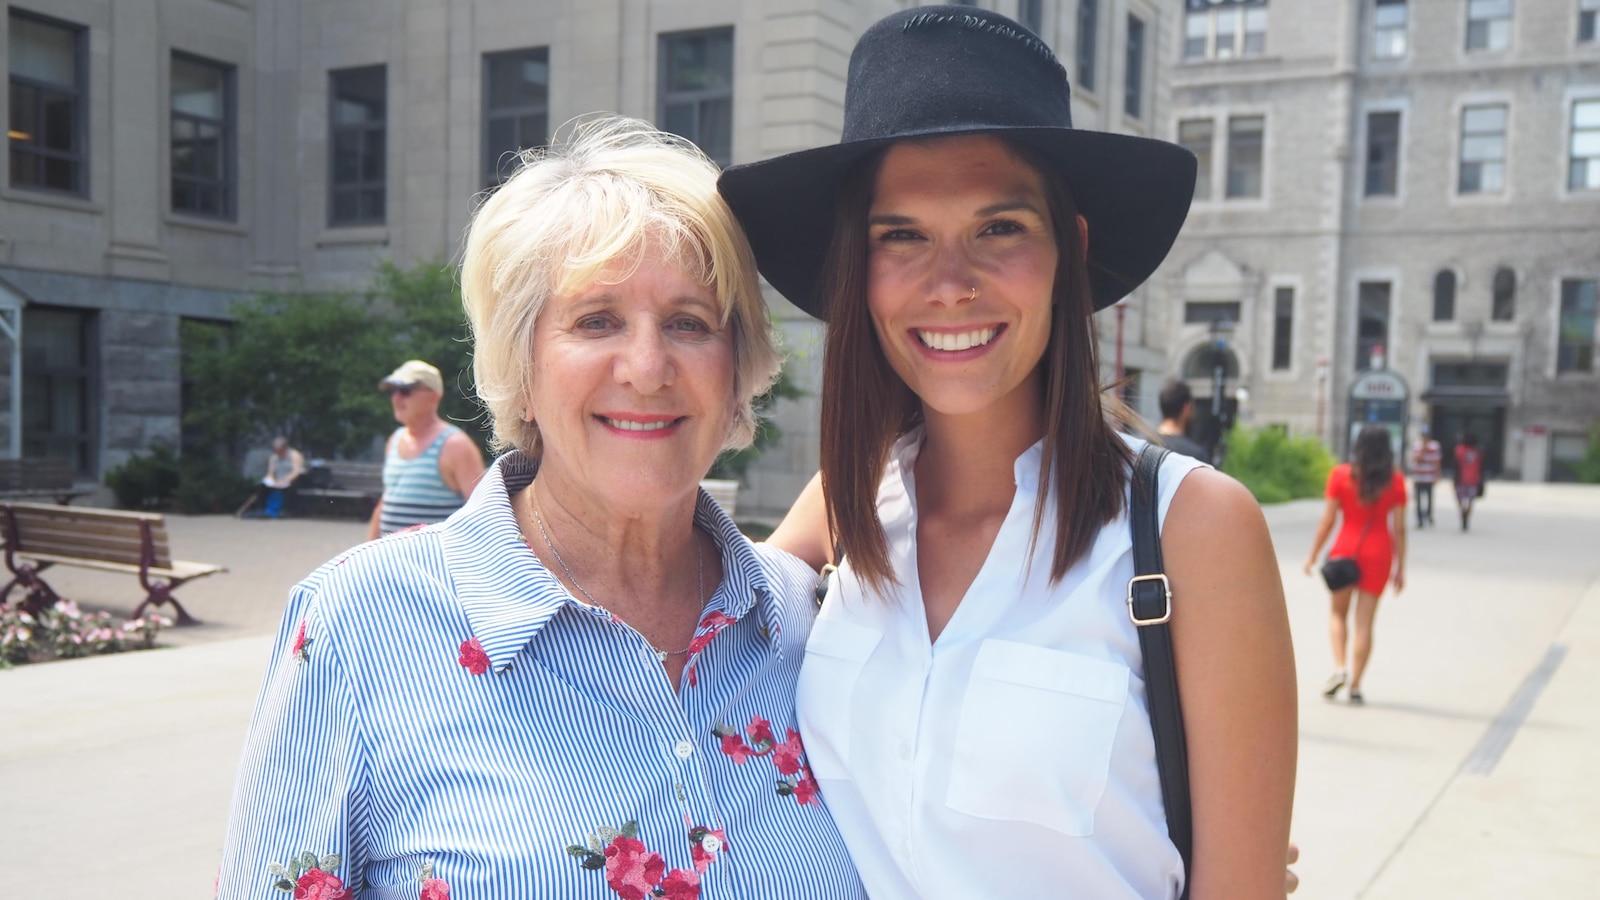 Denise Bombardier porte une robe à fines rayures bleues et blanches et à imprimés de fleurs. Une femme est à ses côtés. Elle porte un chapeau noir et une chemise blanche sans manches.